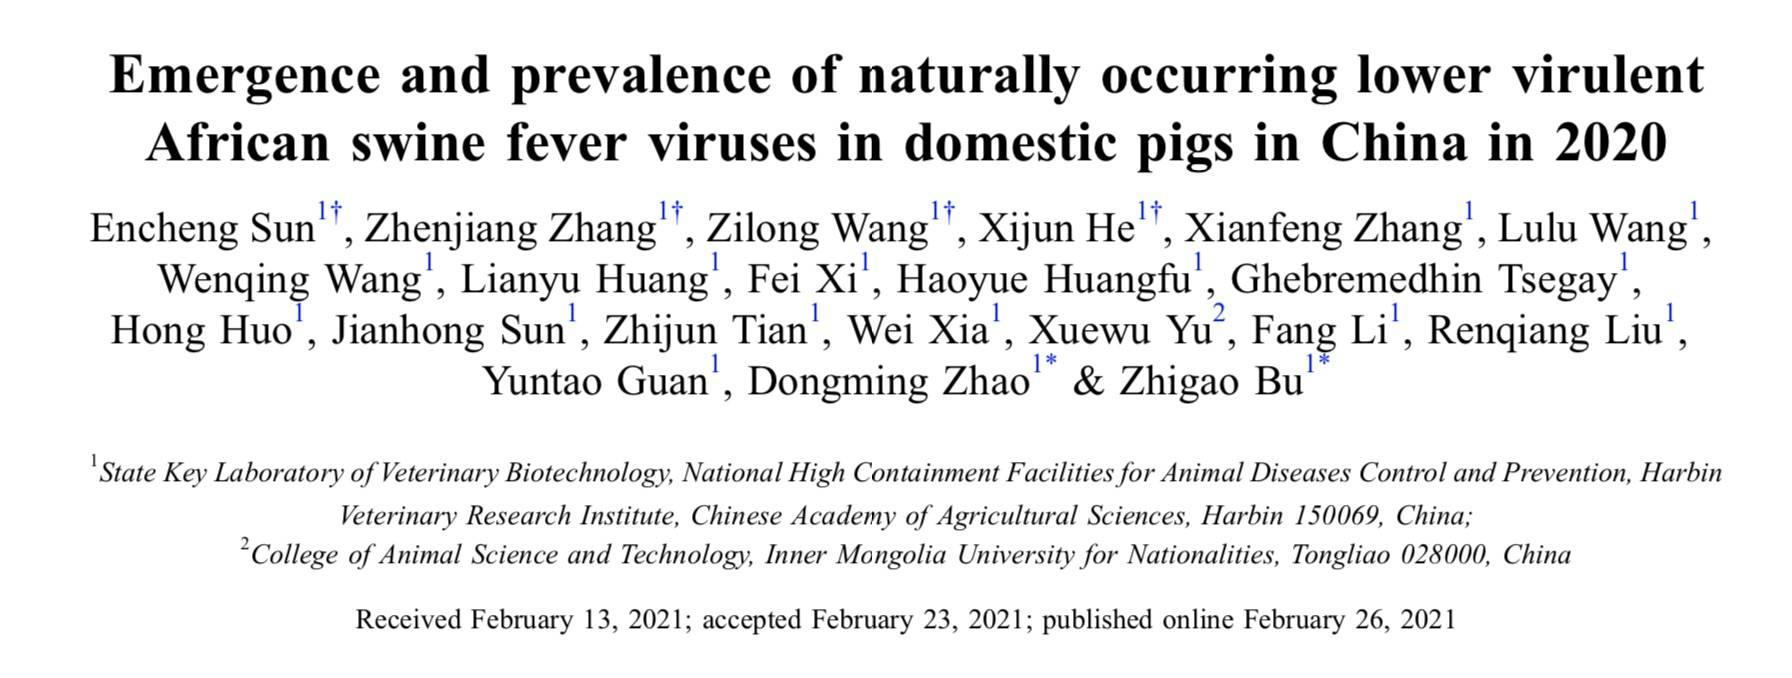 非洲猪瘟防控新挑战:中国部分省区发现低致死率自然变异株